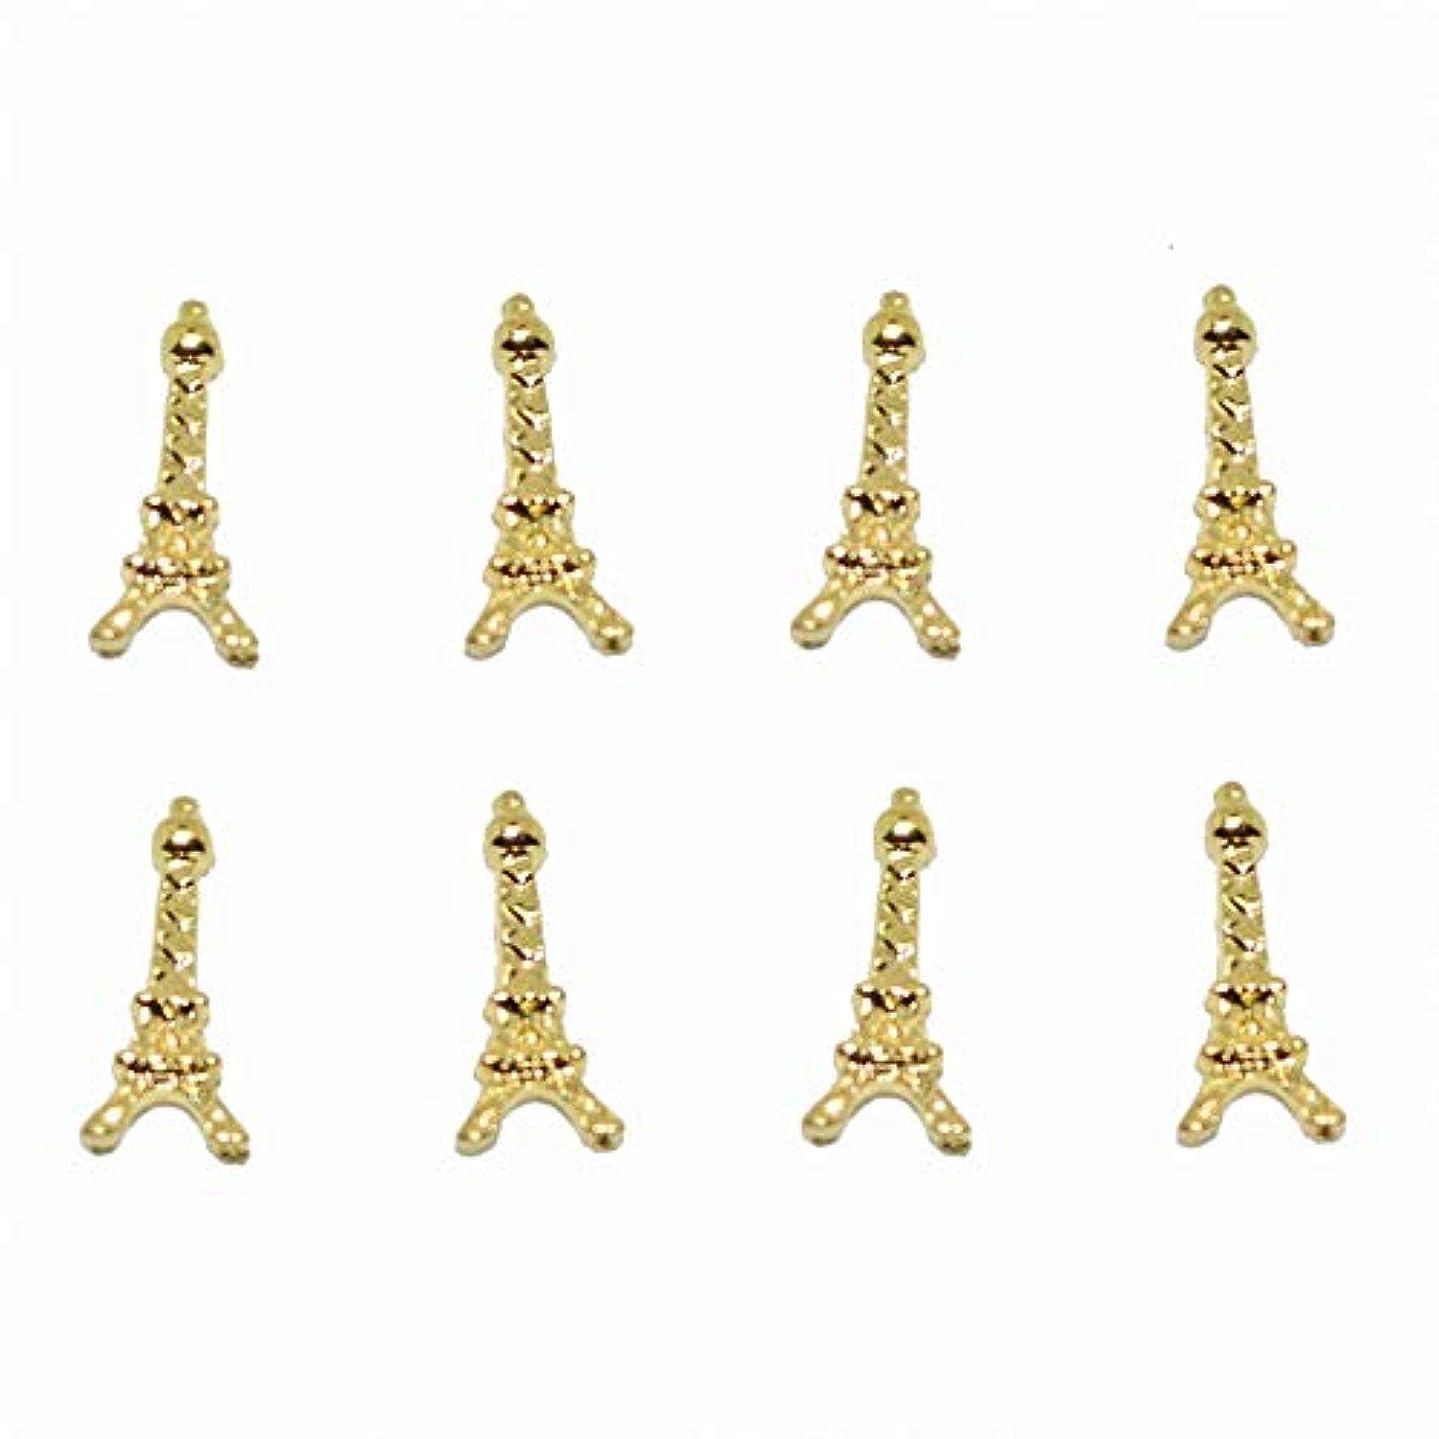 深さリテラシーの量100ピース新しいゴールドエッフェル塔3Dネイルアート装飾合金ネイルチャーム、ネイルラインストーンネイル用品